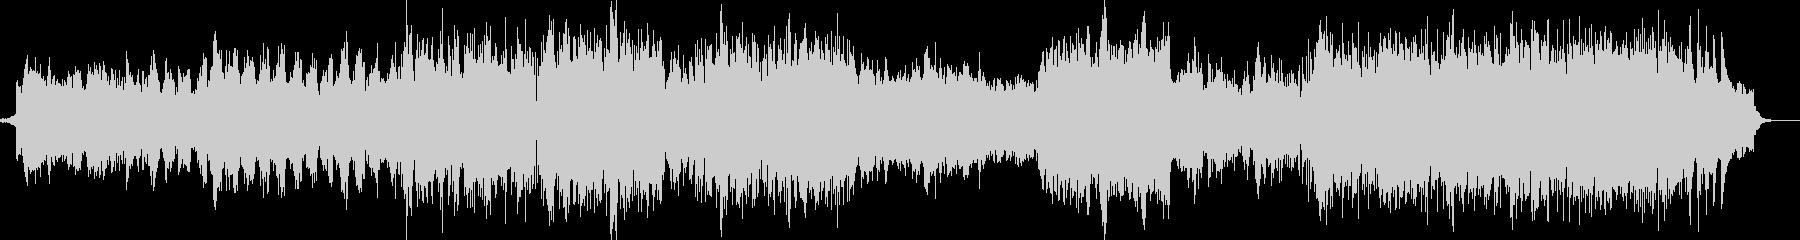 雪や氷イメージ ピアノエレクトロBGMの未再生の波形